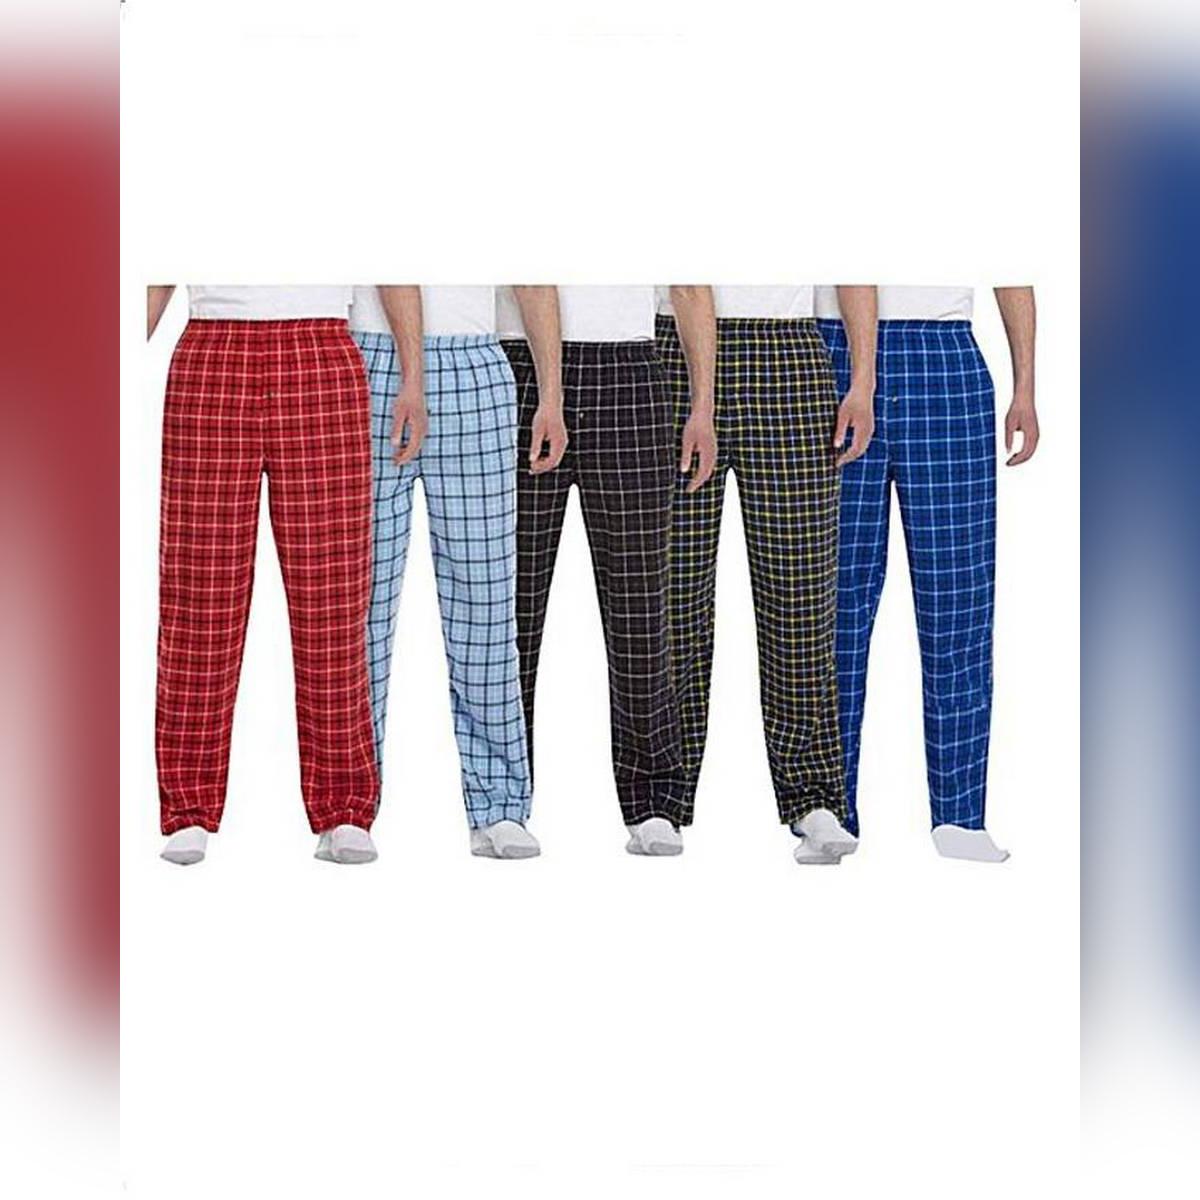 Pack Of 5 - Check Trouser For Men